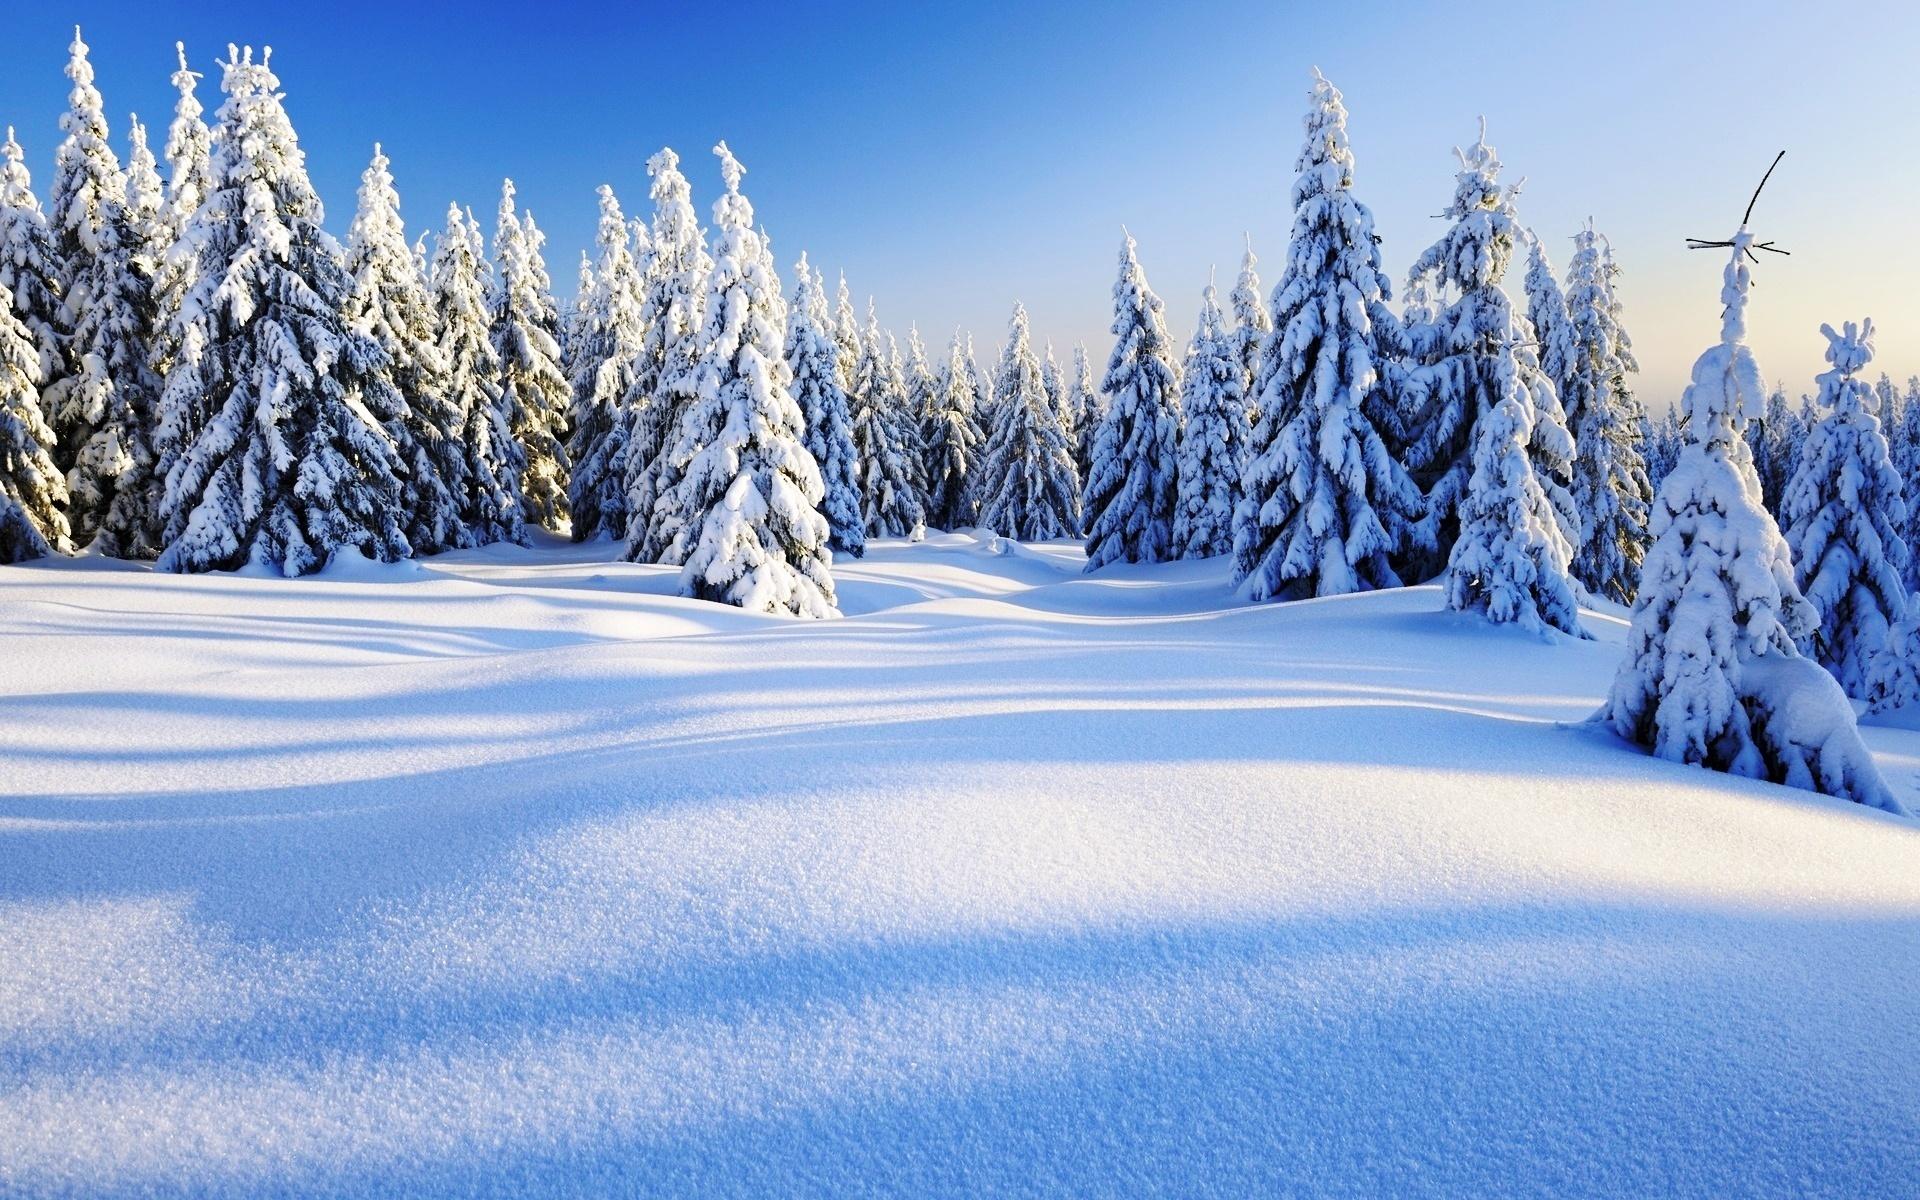 искупавшись зима в хорошем разрешении картинки надёжности материнской